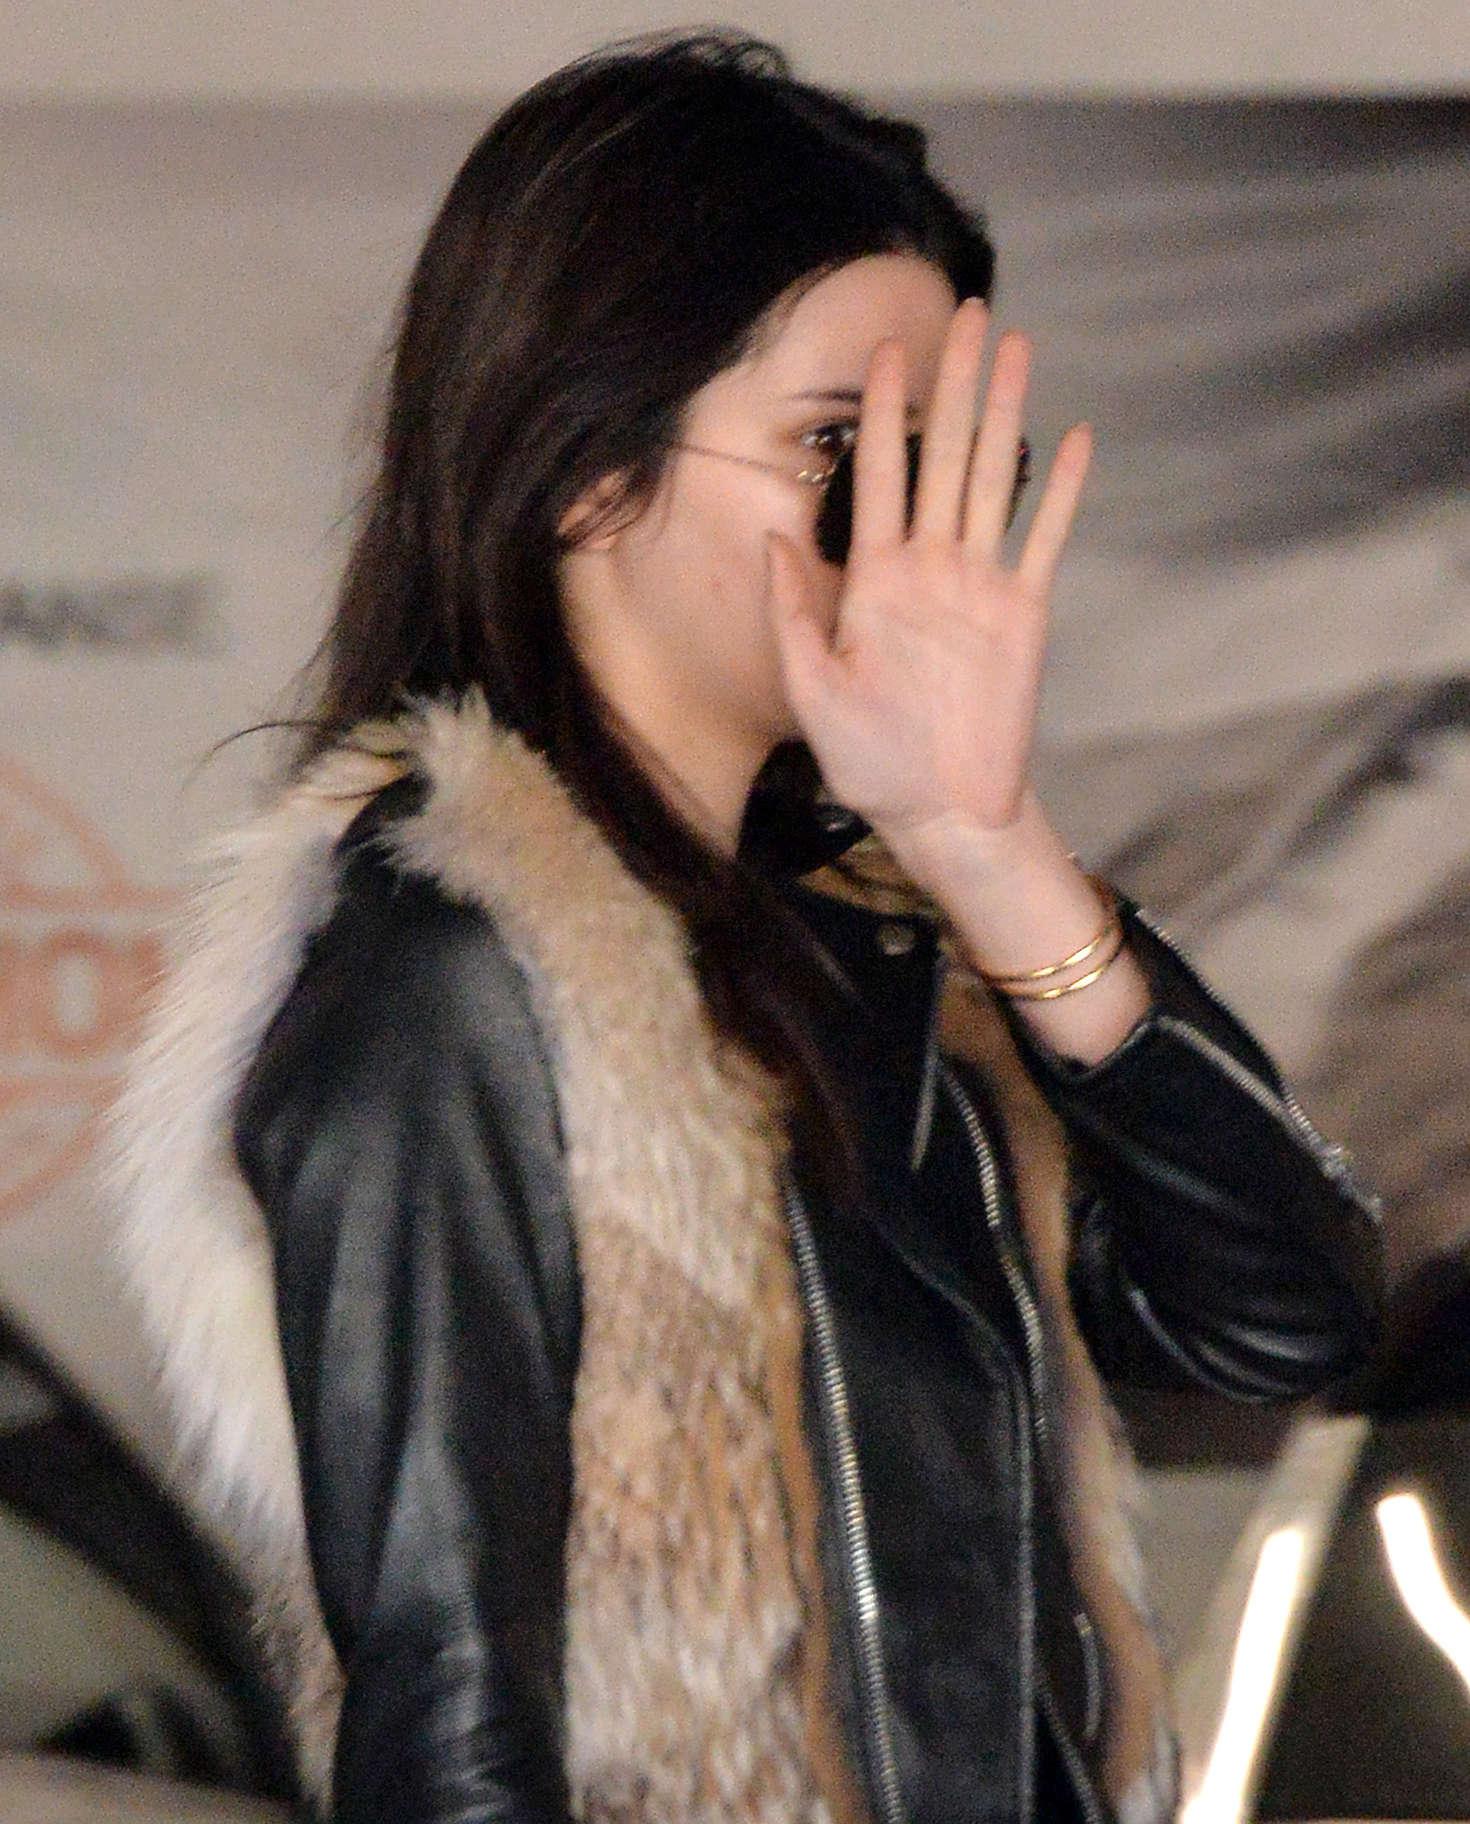 Kendall Jenner 2016 : Kendall Jenner in Leggings -53